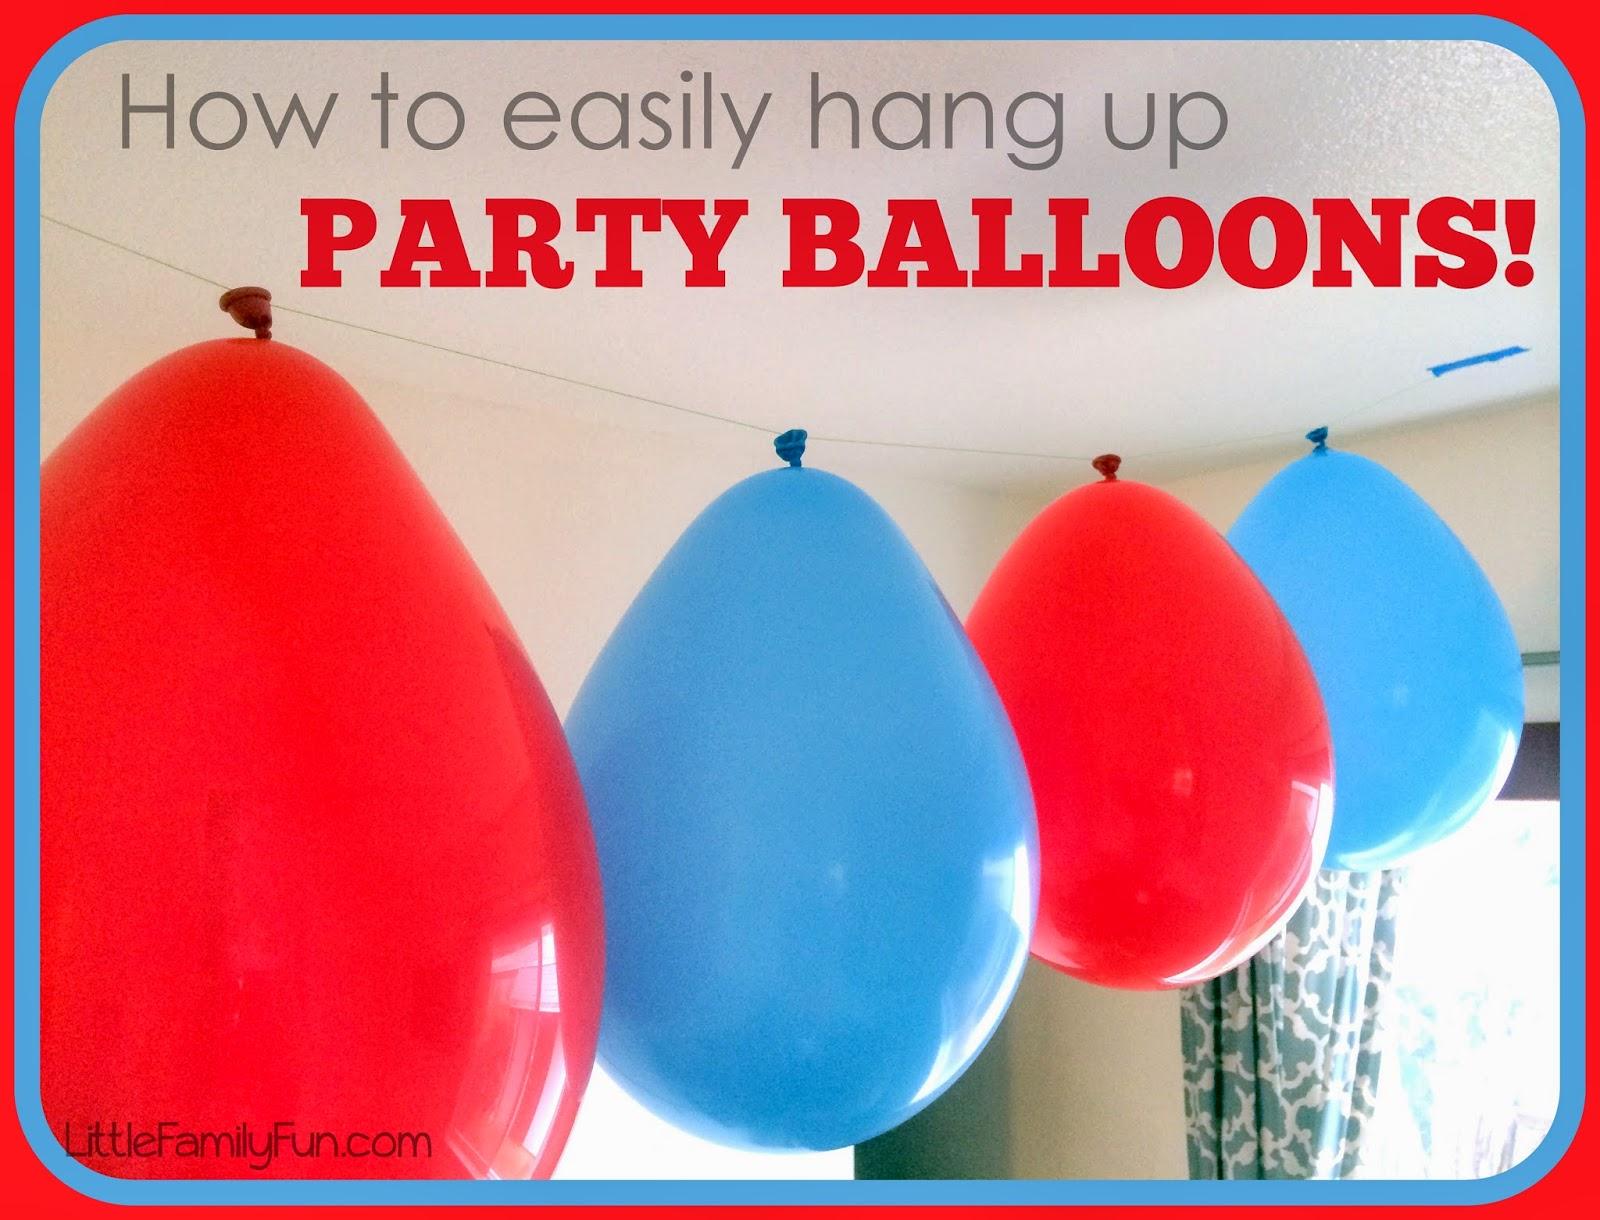 http://www.littlefamilyfun.com/2014/04/easily-hang-up-party-balloons.html